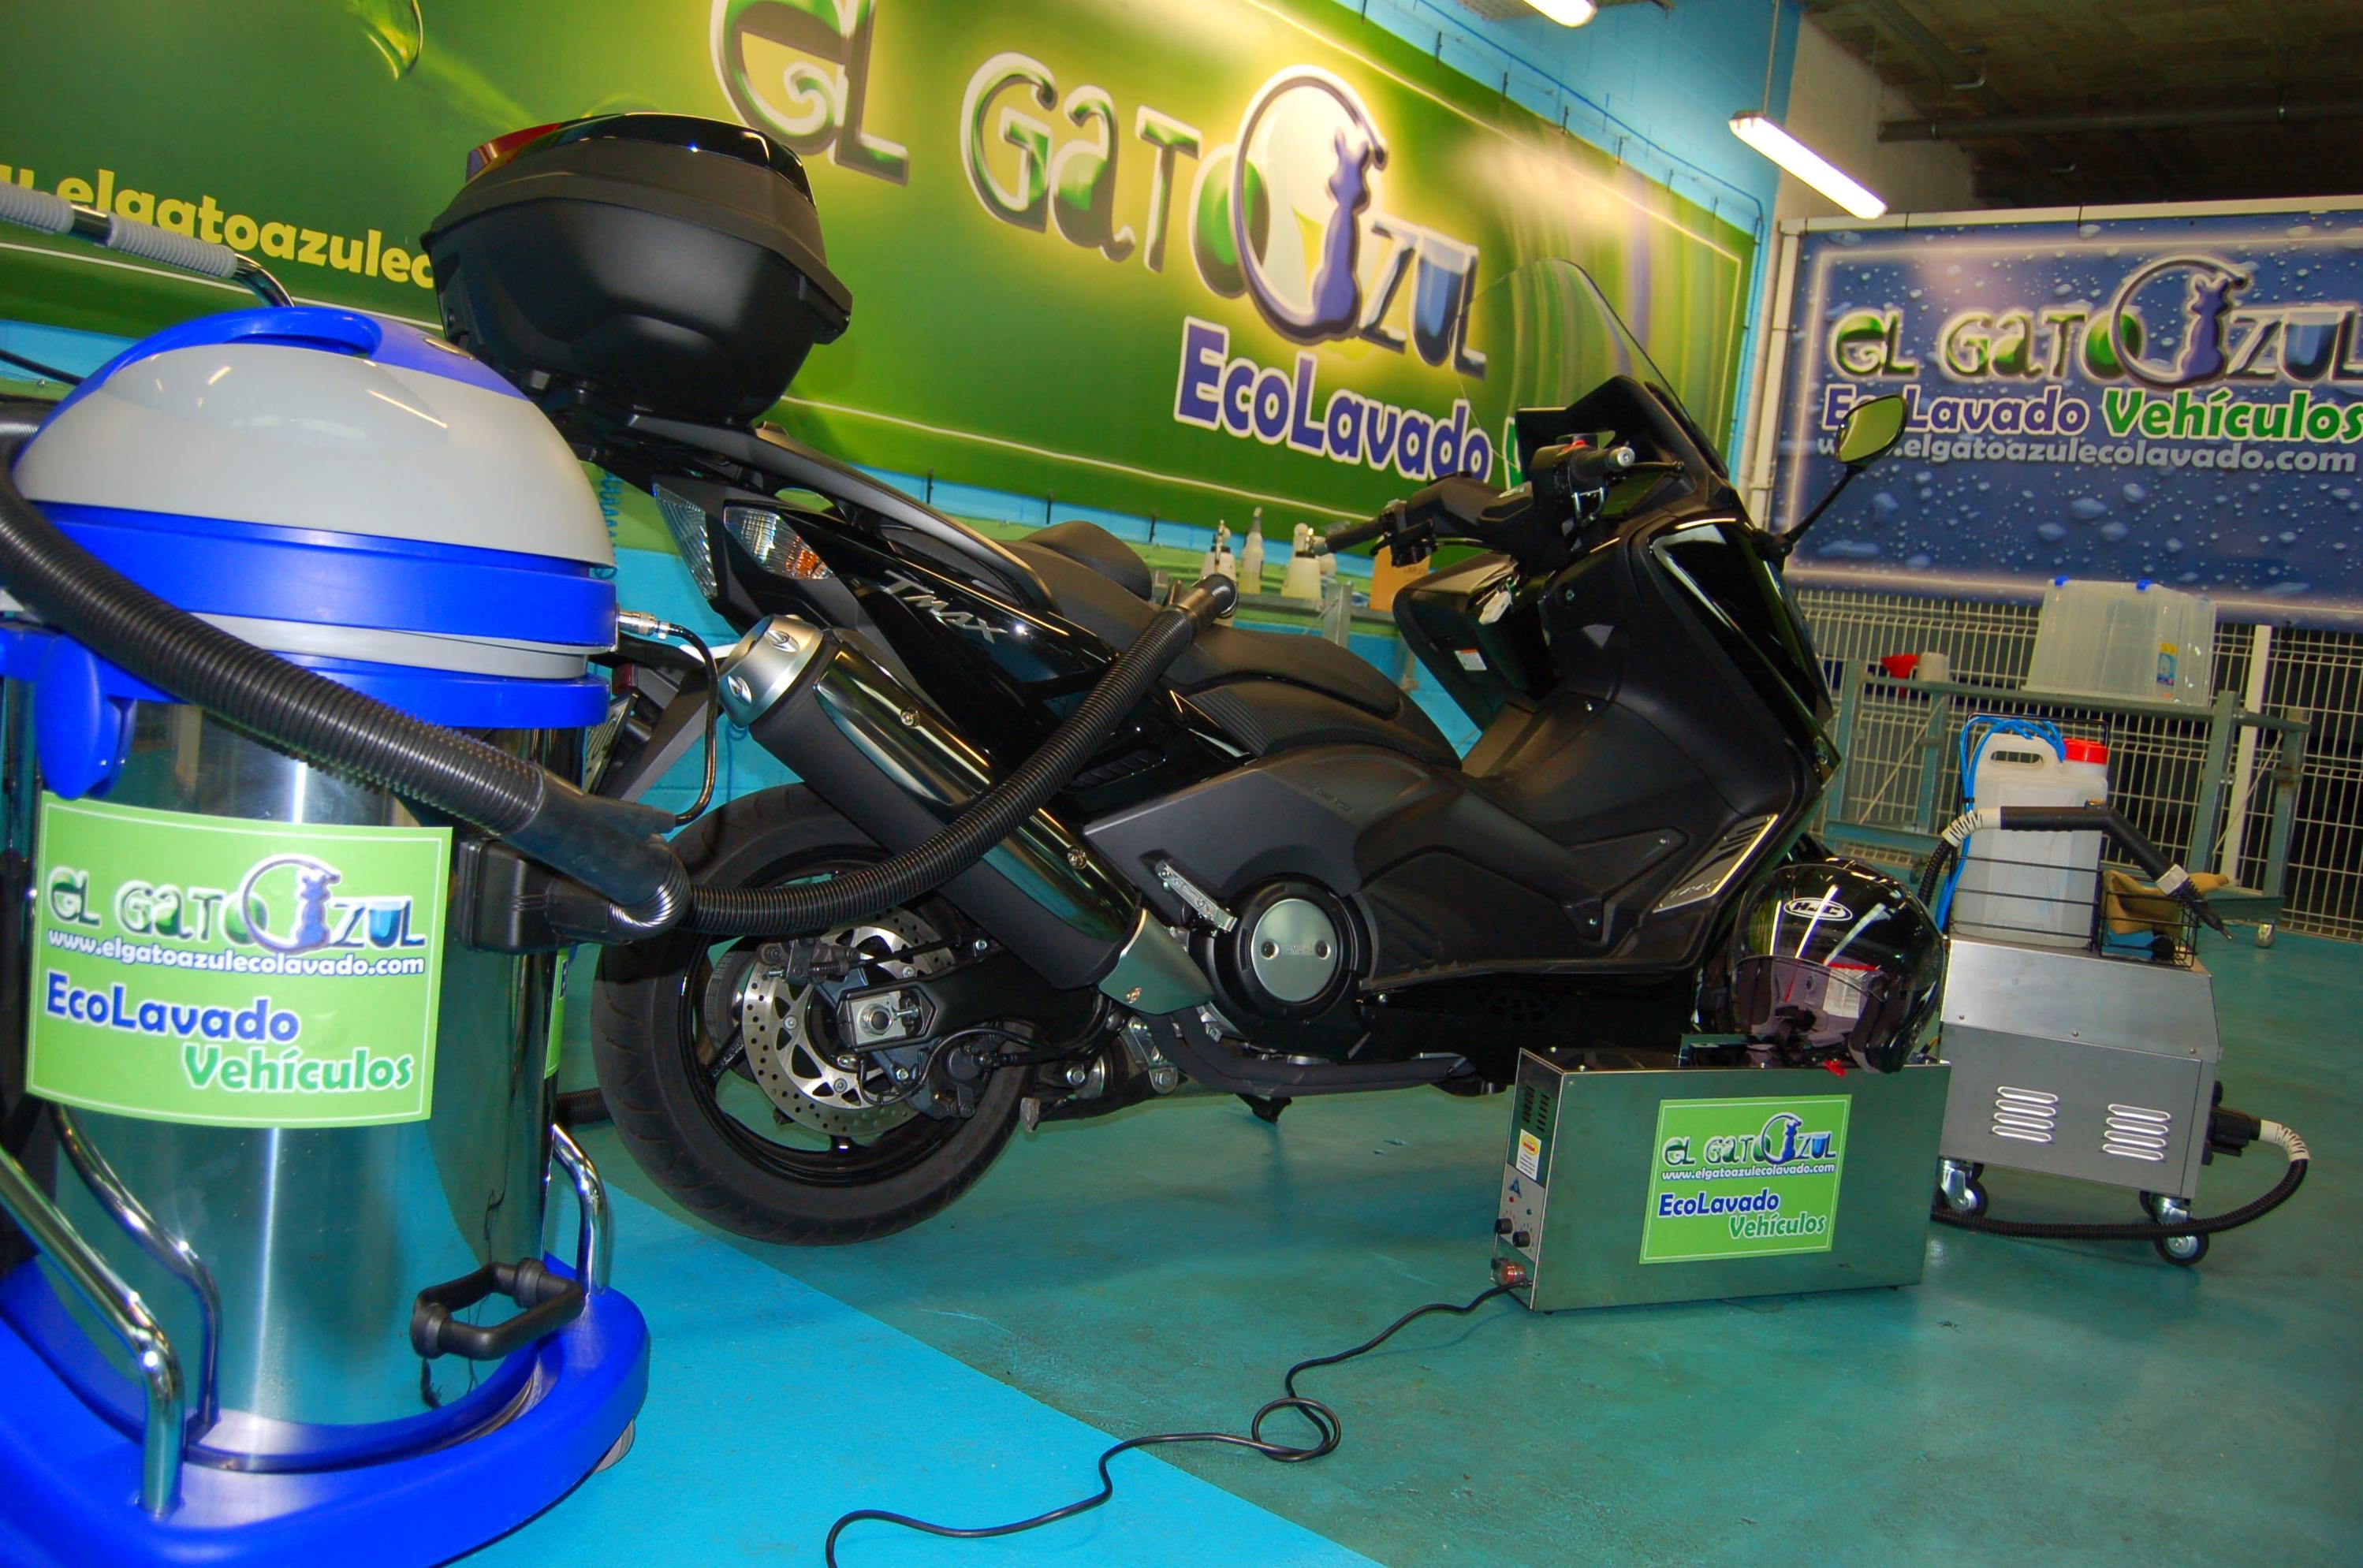 Lavado Moto: Servicios y Precios de El Gato Azul Ecolavado Vehículos